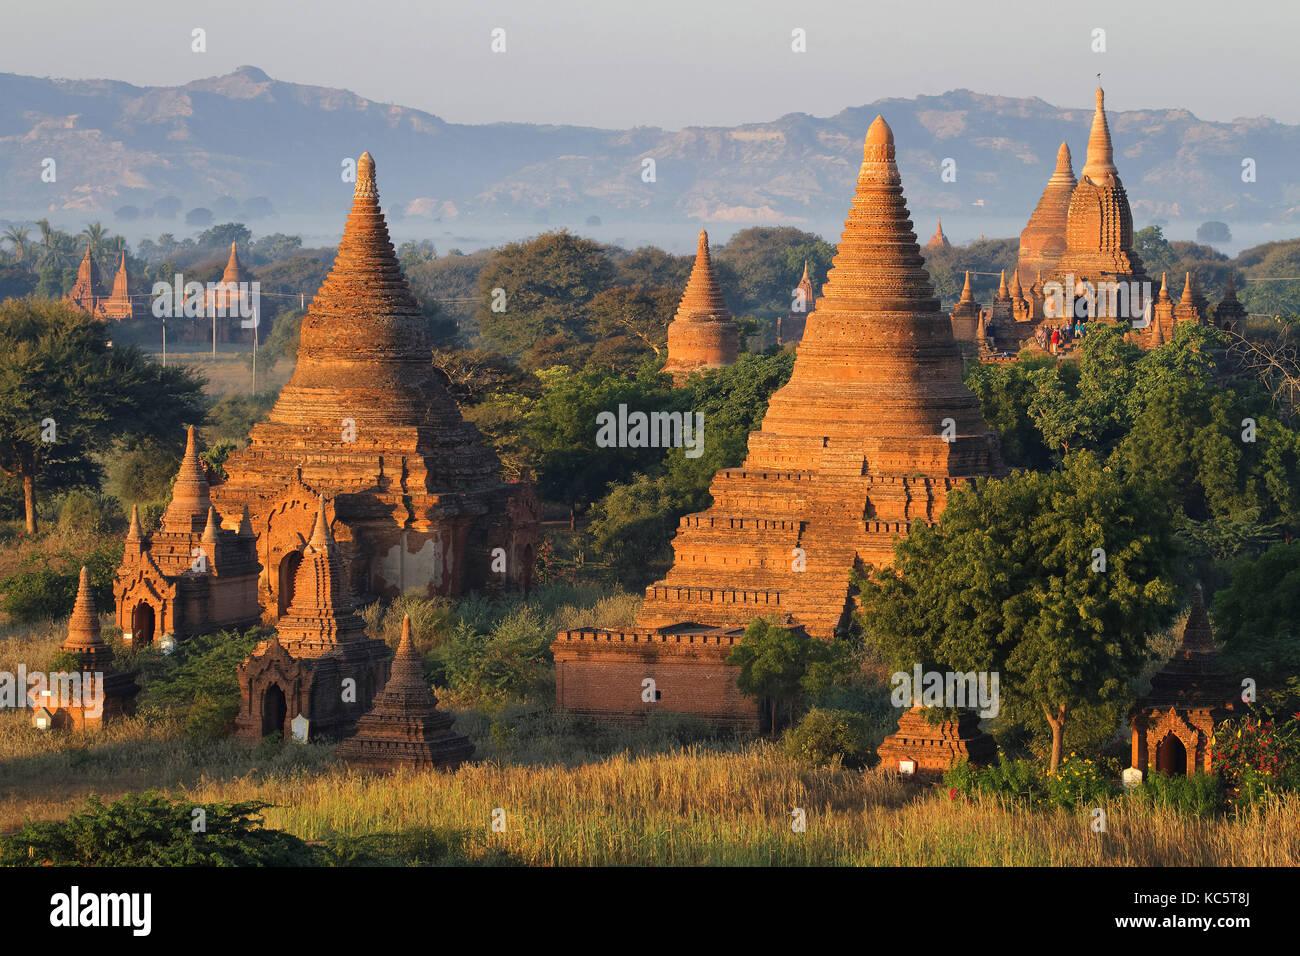 Pagoden und Tempel in Bagan. Bagan archäologische Zone ist ein Hauptfeld für die Tourismusindustrie des Stockbild